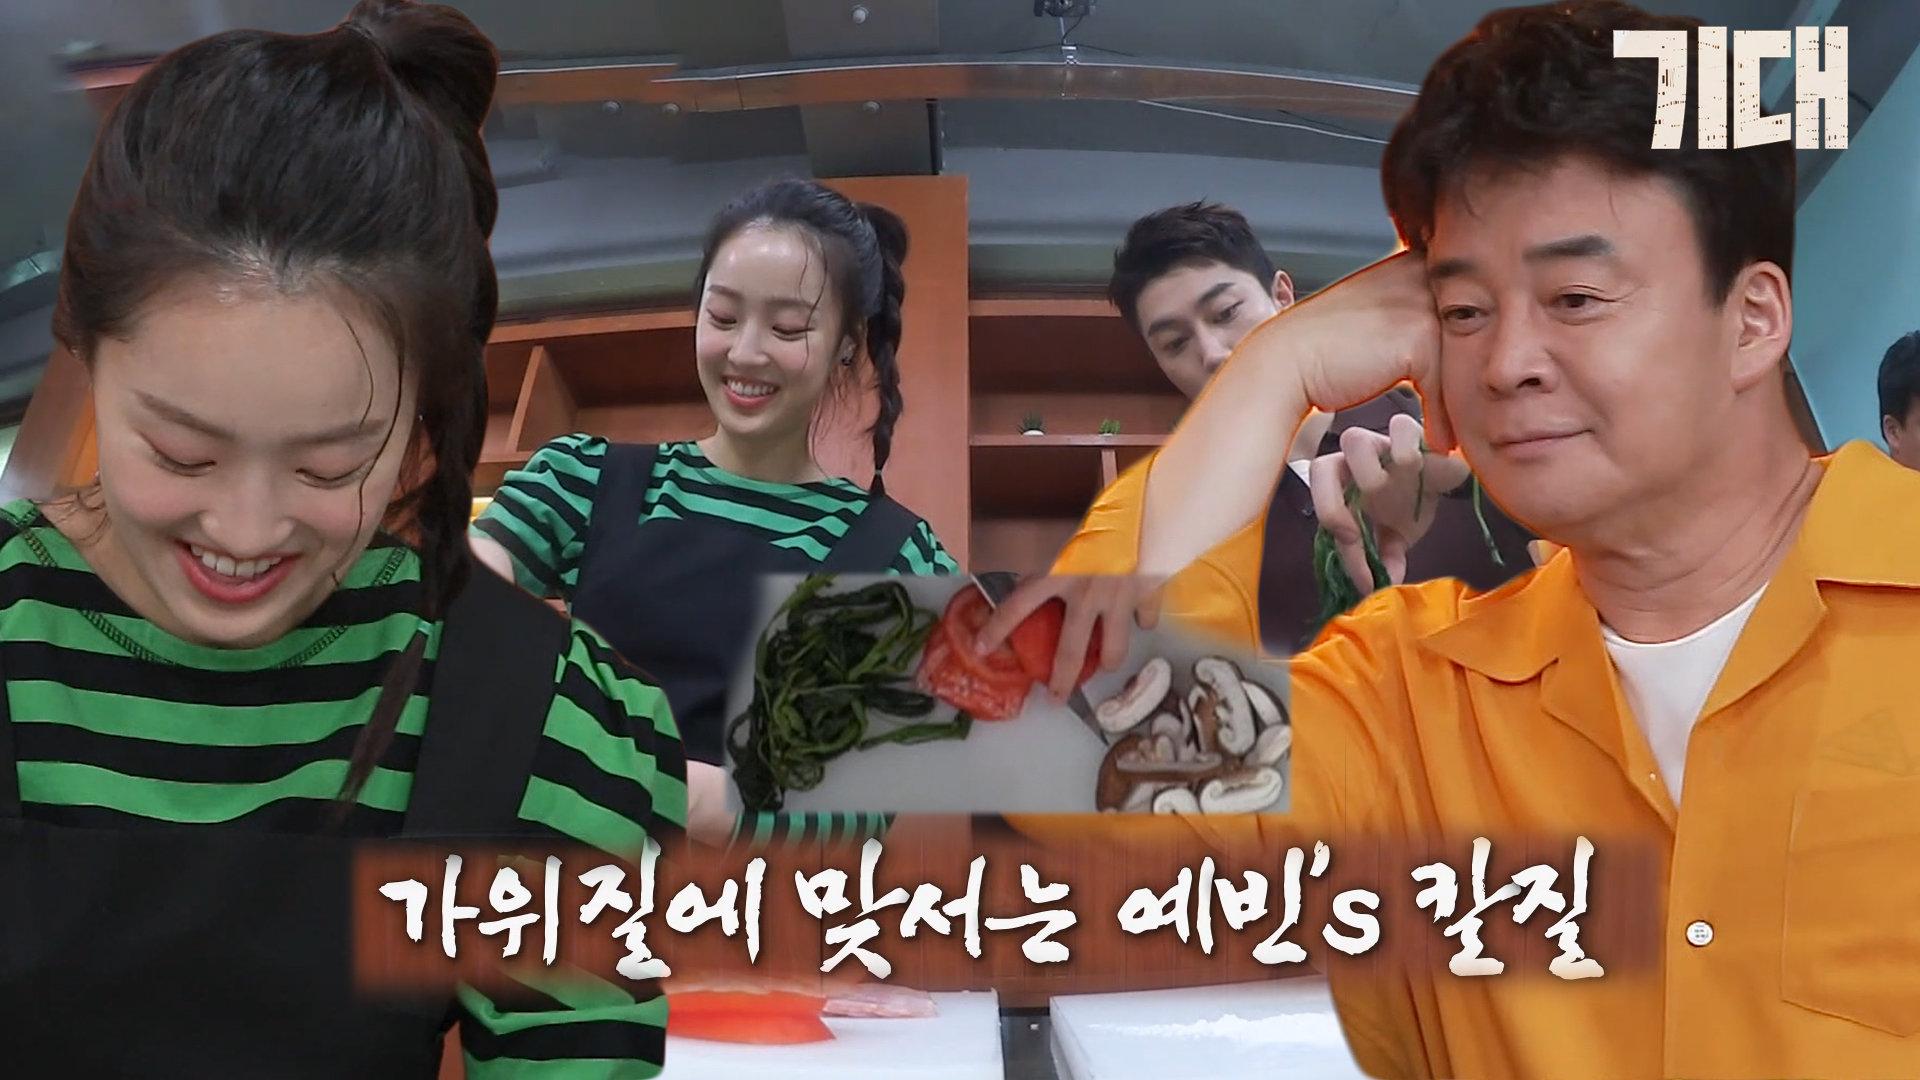 최예빈, 반전 매력 뽐내며 '능수능란' 칼솜씨!